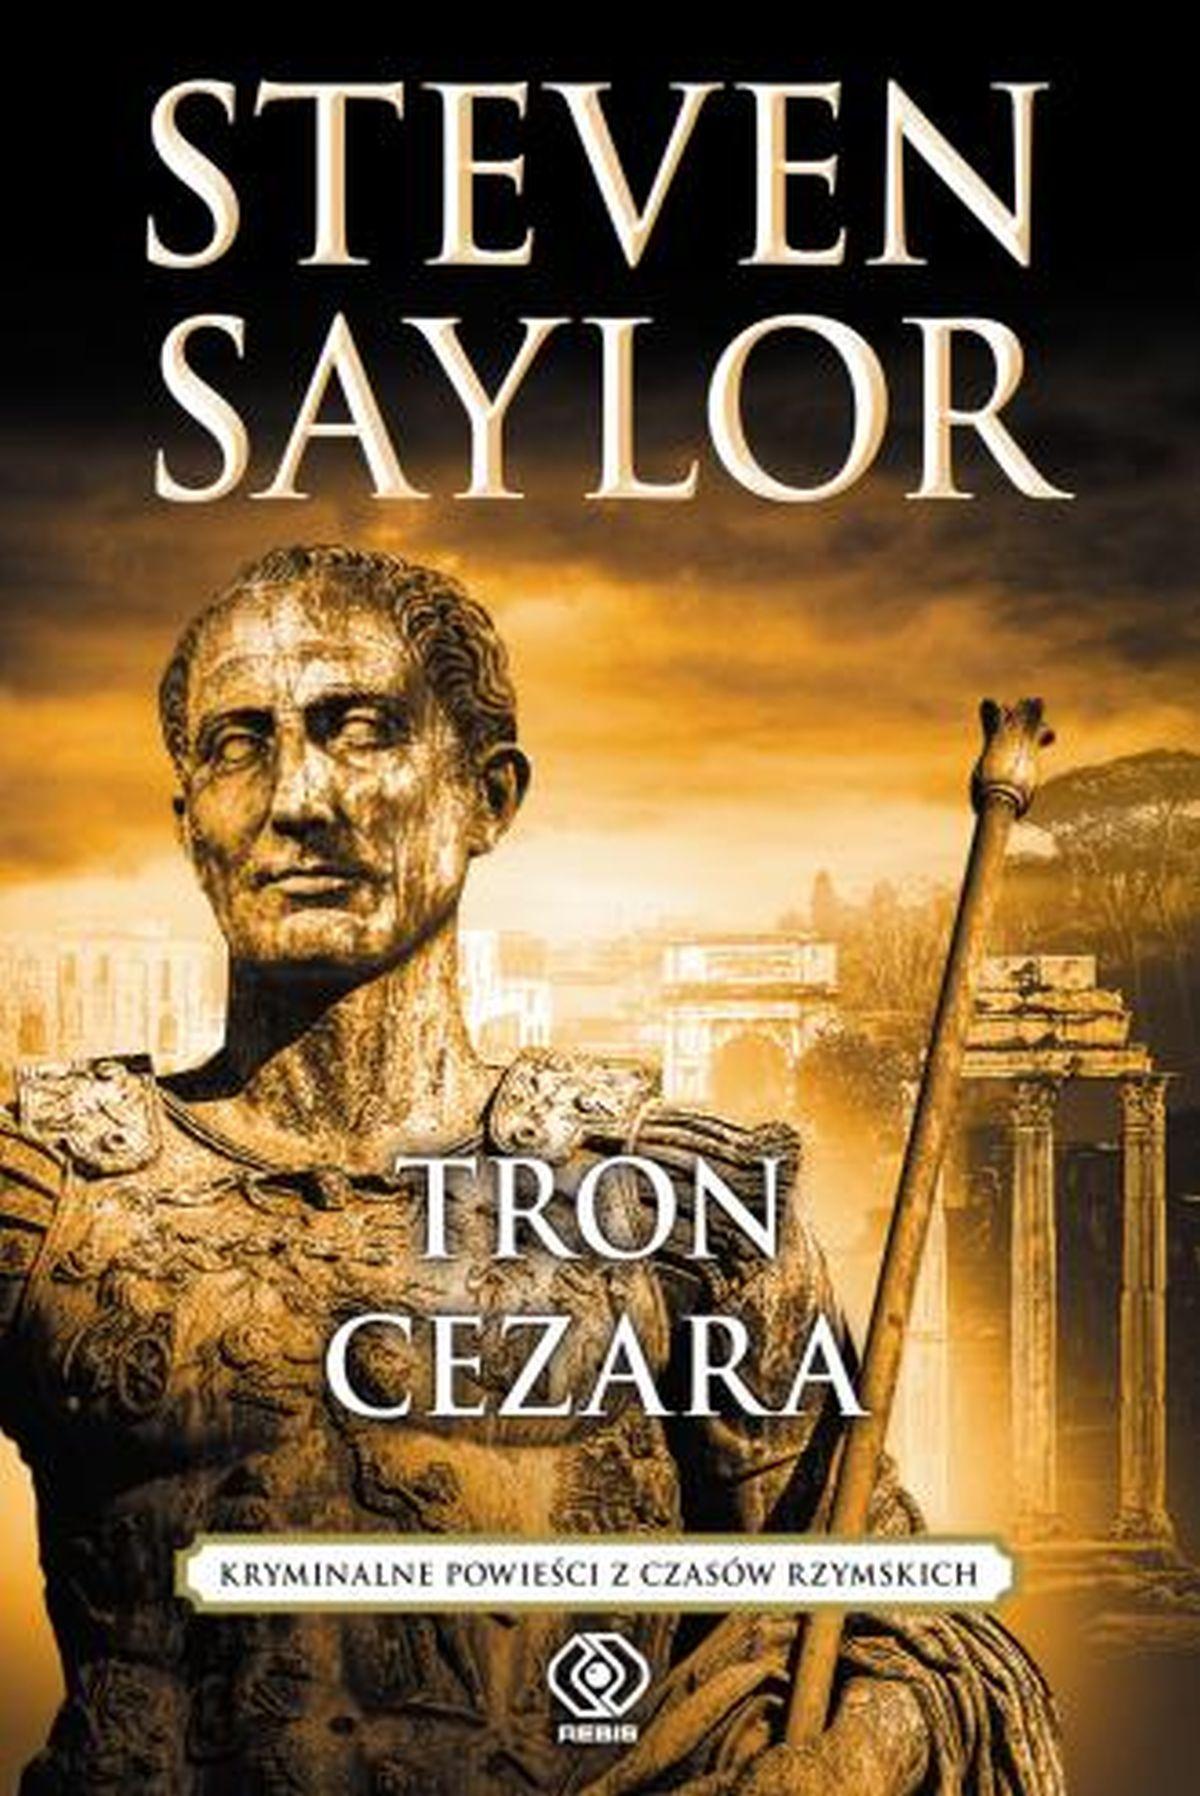 Steven Saylor, Tron Cezara